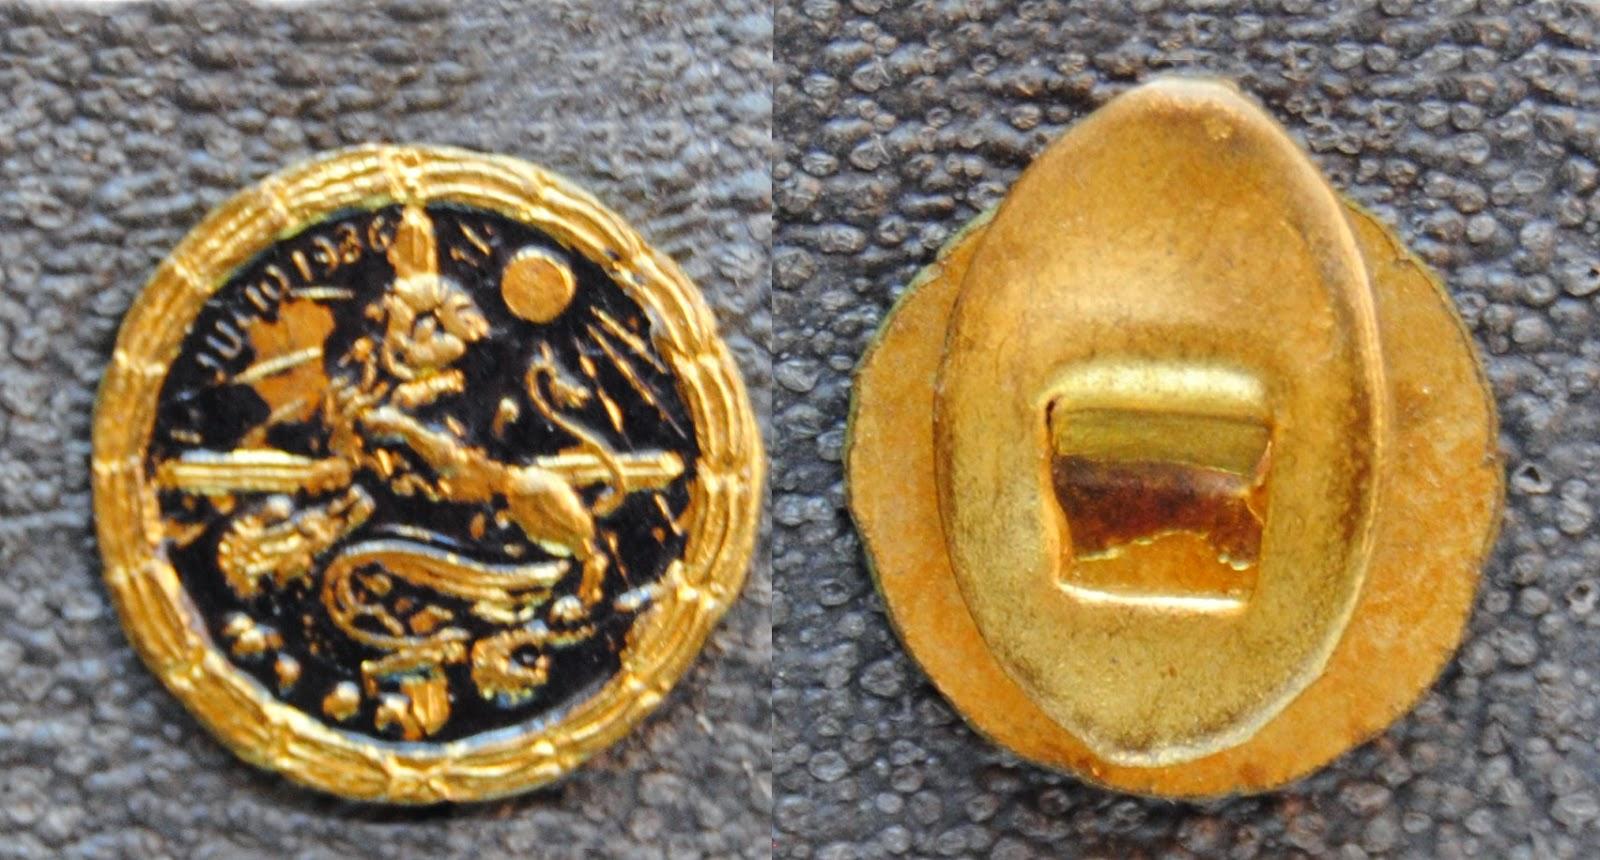 CAMPAÑA 36 / 39 Medalla%2Bde%2Bla%2BCampa%C3%B1a%2B(1936%2B1939)%2Bsolapa